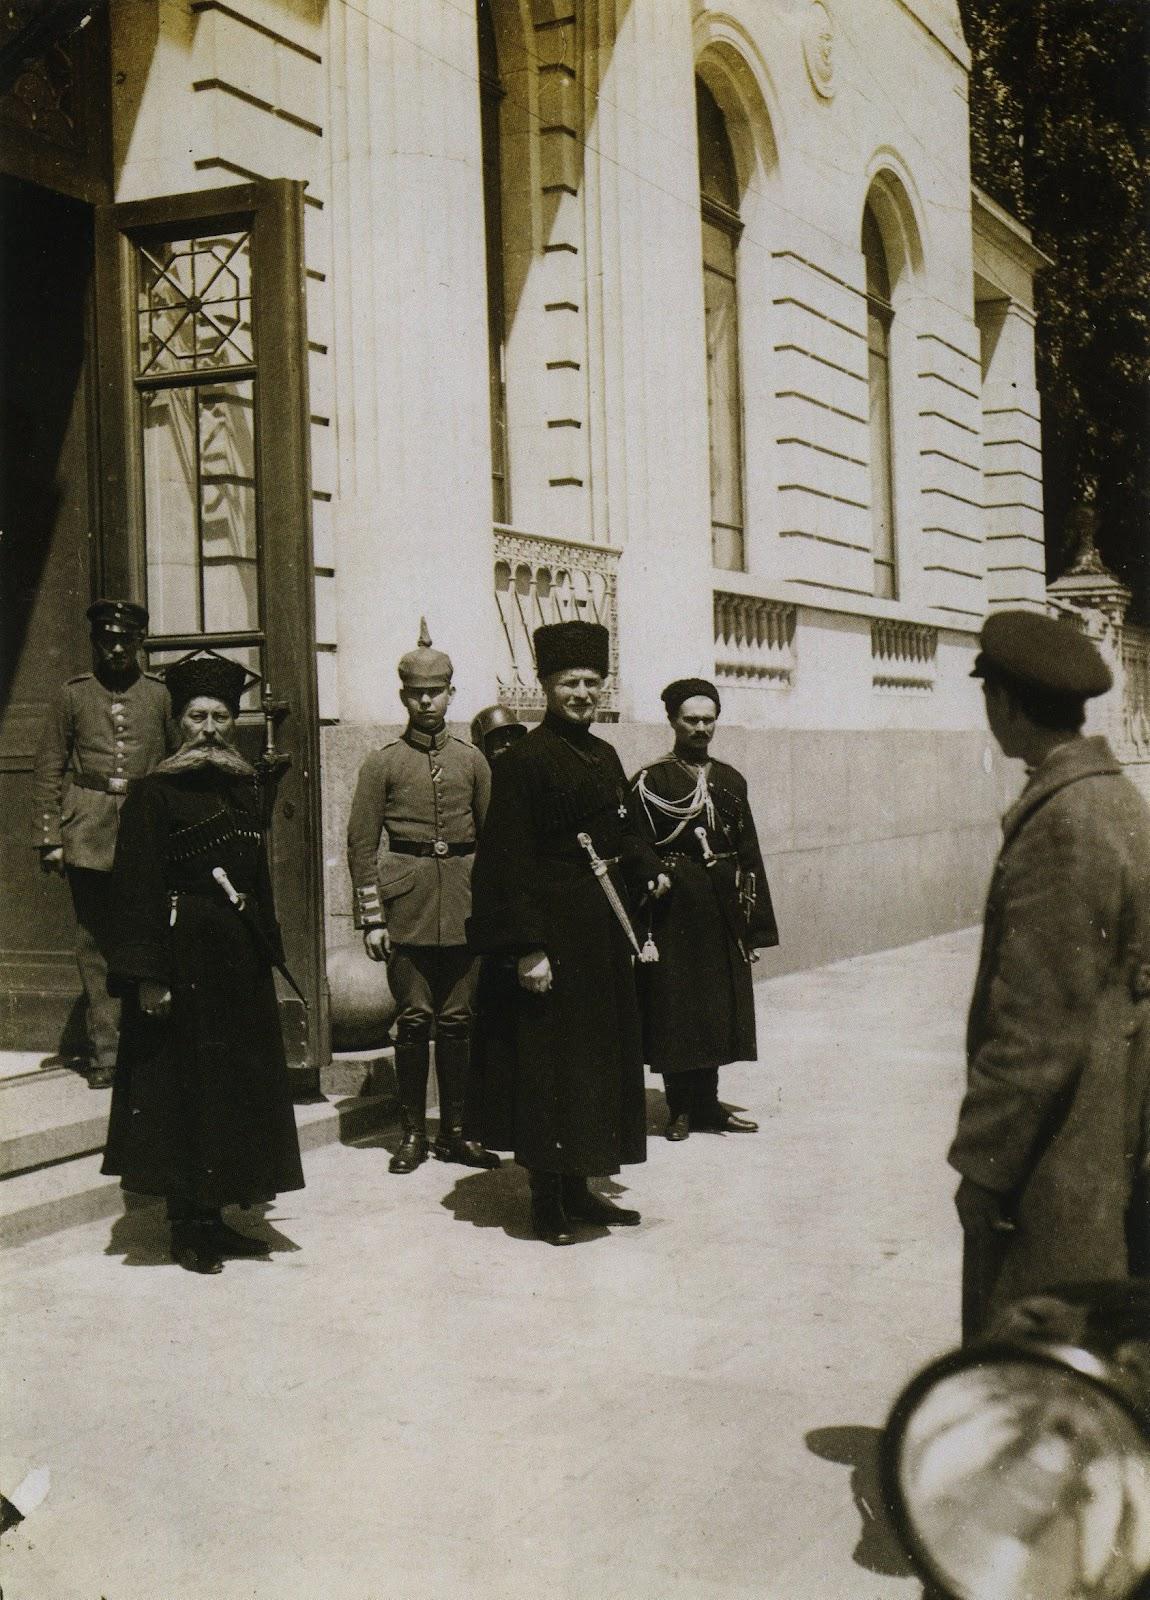 Травень 1918-го. Гетьман П.Скоропадський, офіцери та ад'ютант біля гетьманського палацу. Цікавий момент: на варті біля палацу стоїть німецький солдат у своєму шоломі